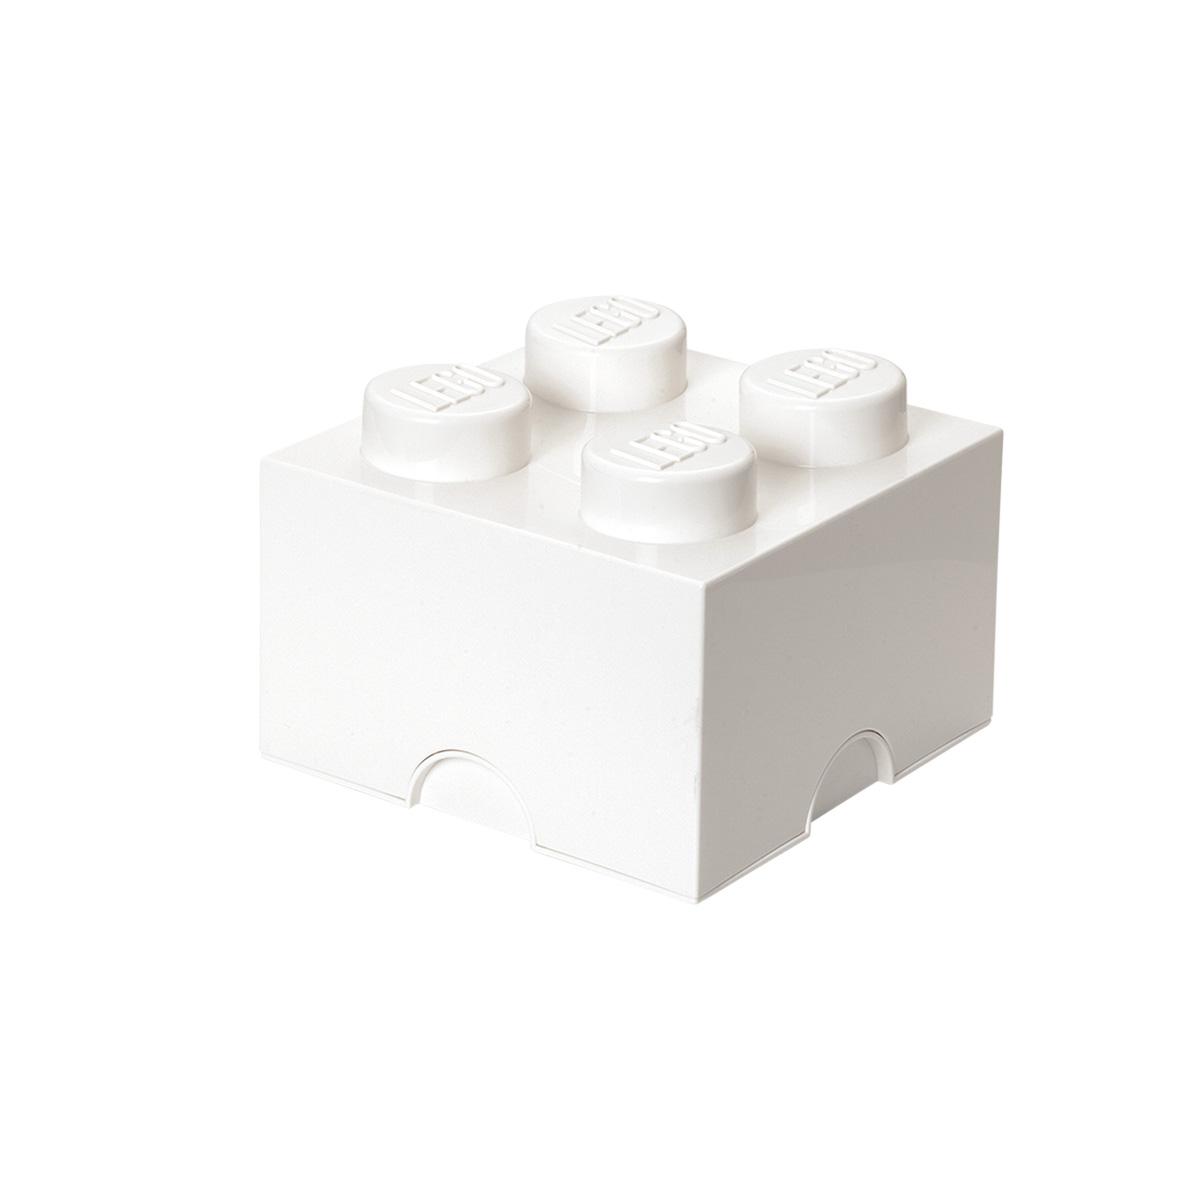 LEGO opbevaringskasse med 4 knopper - Hvid